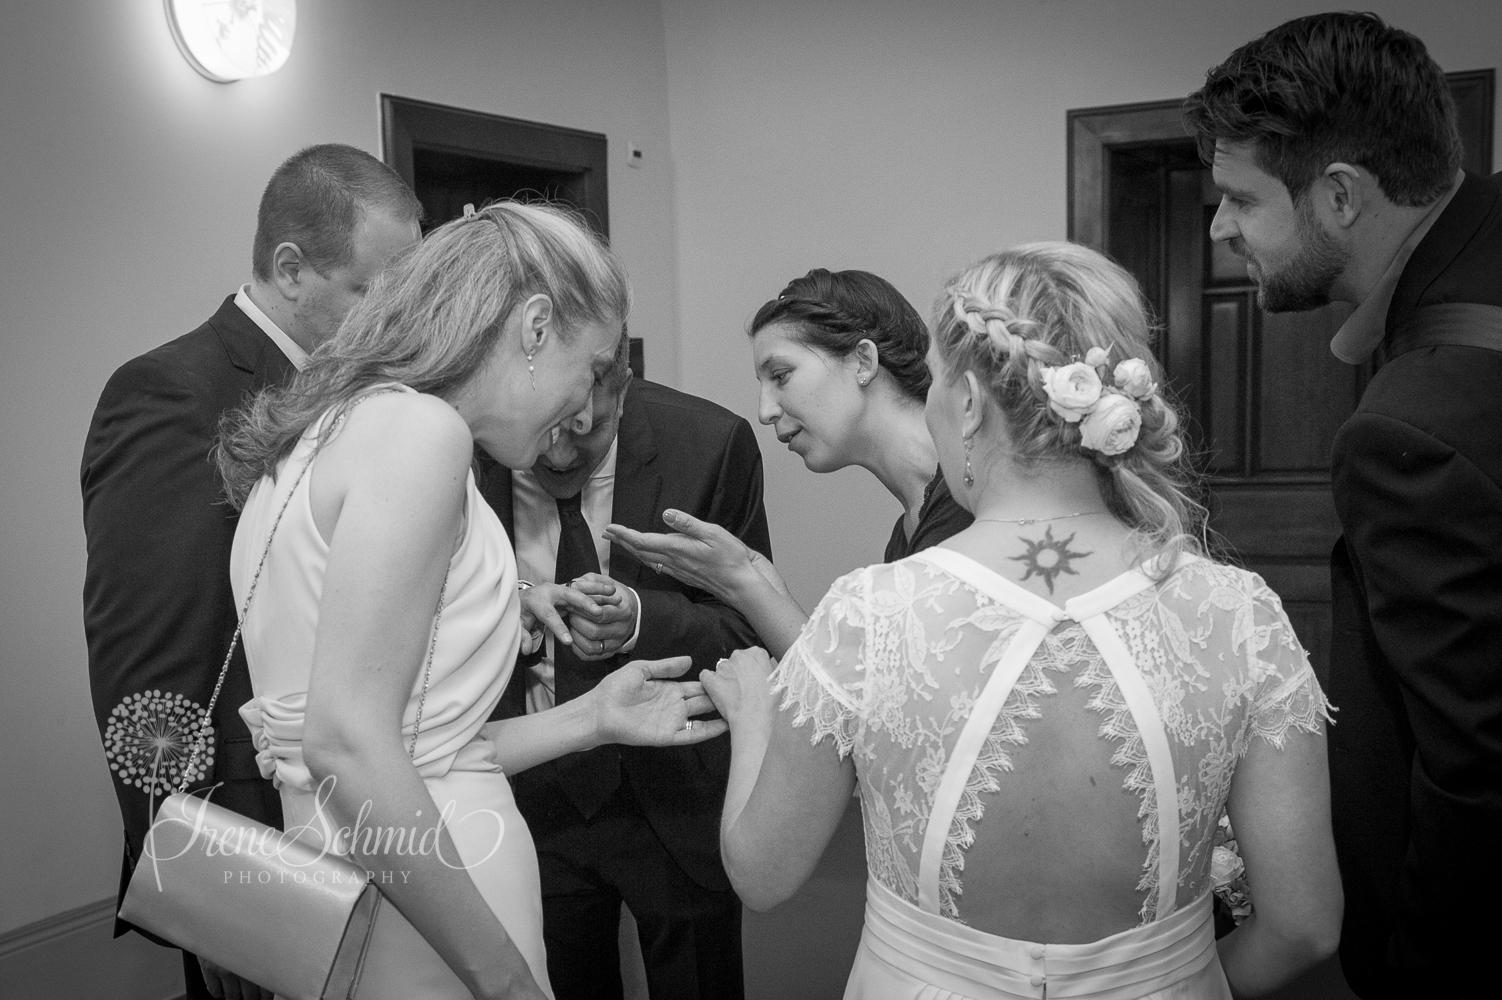 Hochzeit in Zürich - Irene Schmid Photographie aus Winterthur